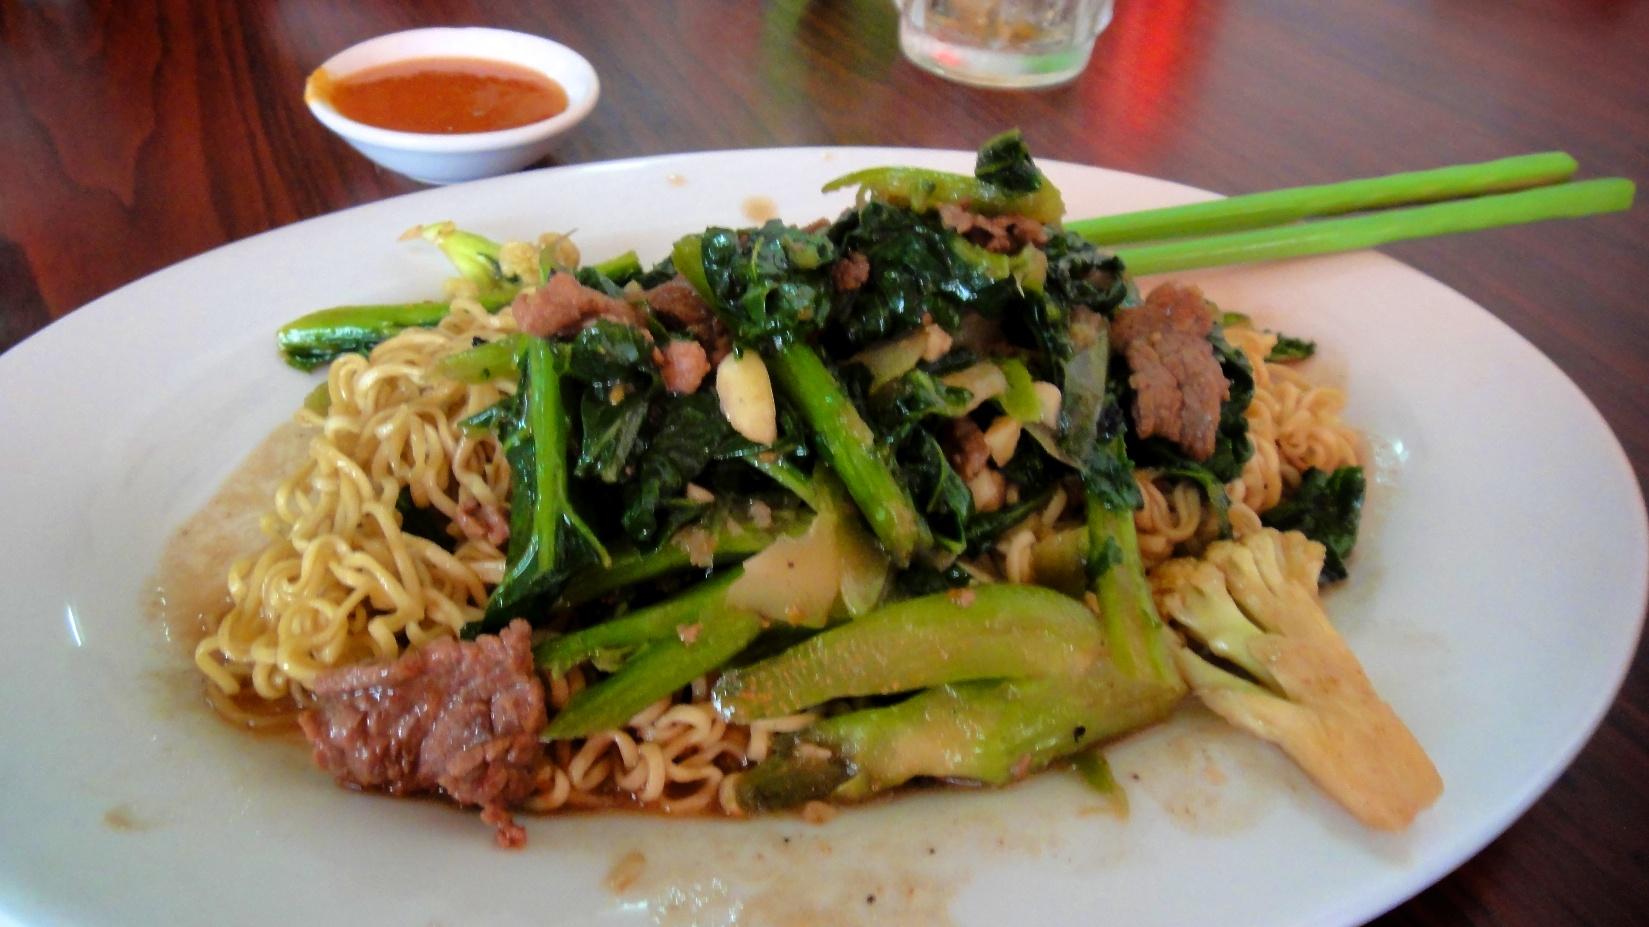 Assiette de nouilles noodles et ses l gumes craquants - Assiette de cuisine ...